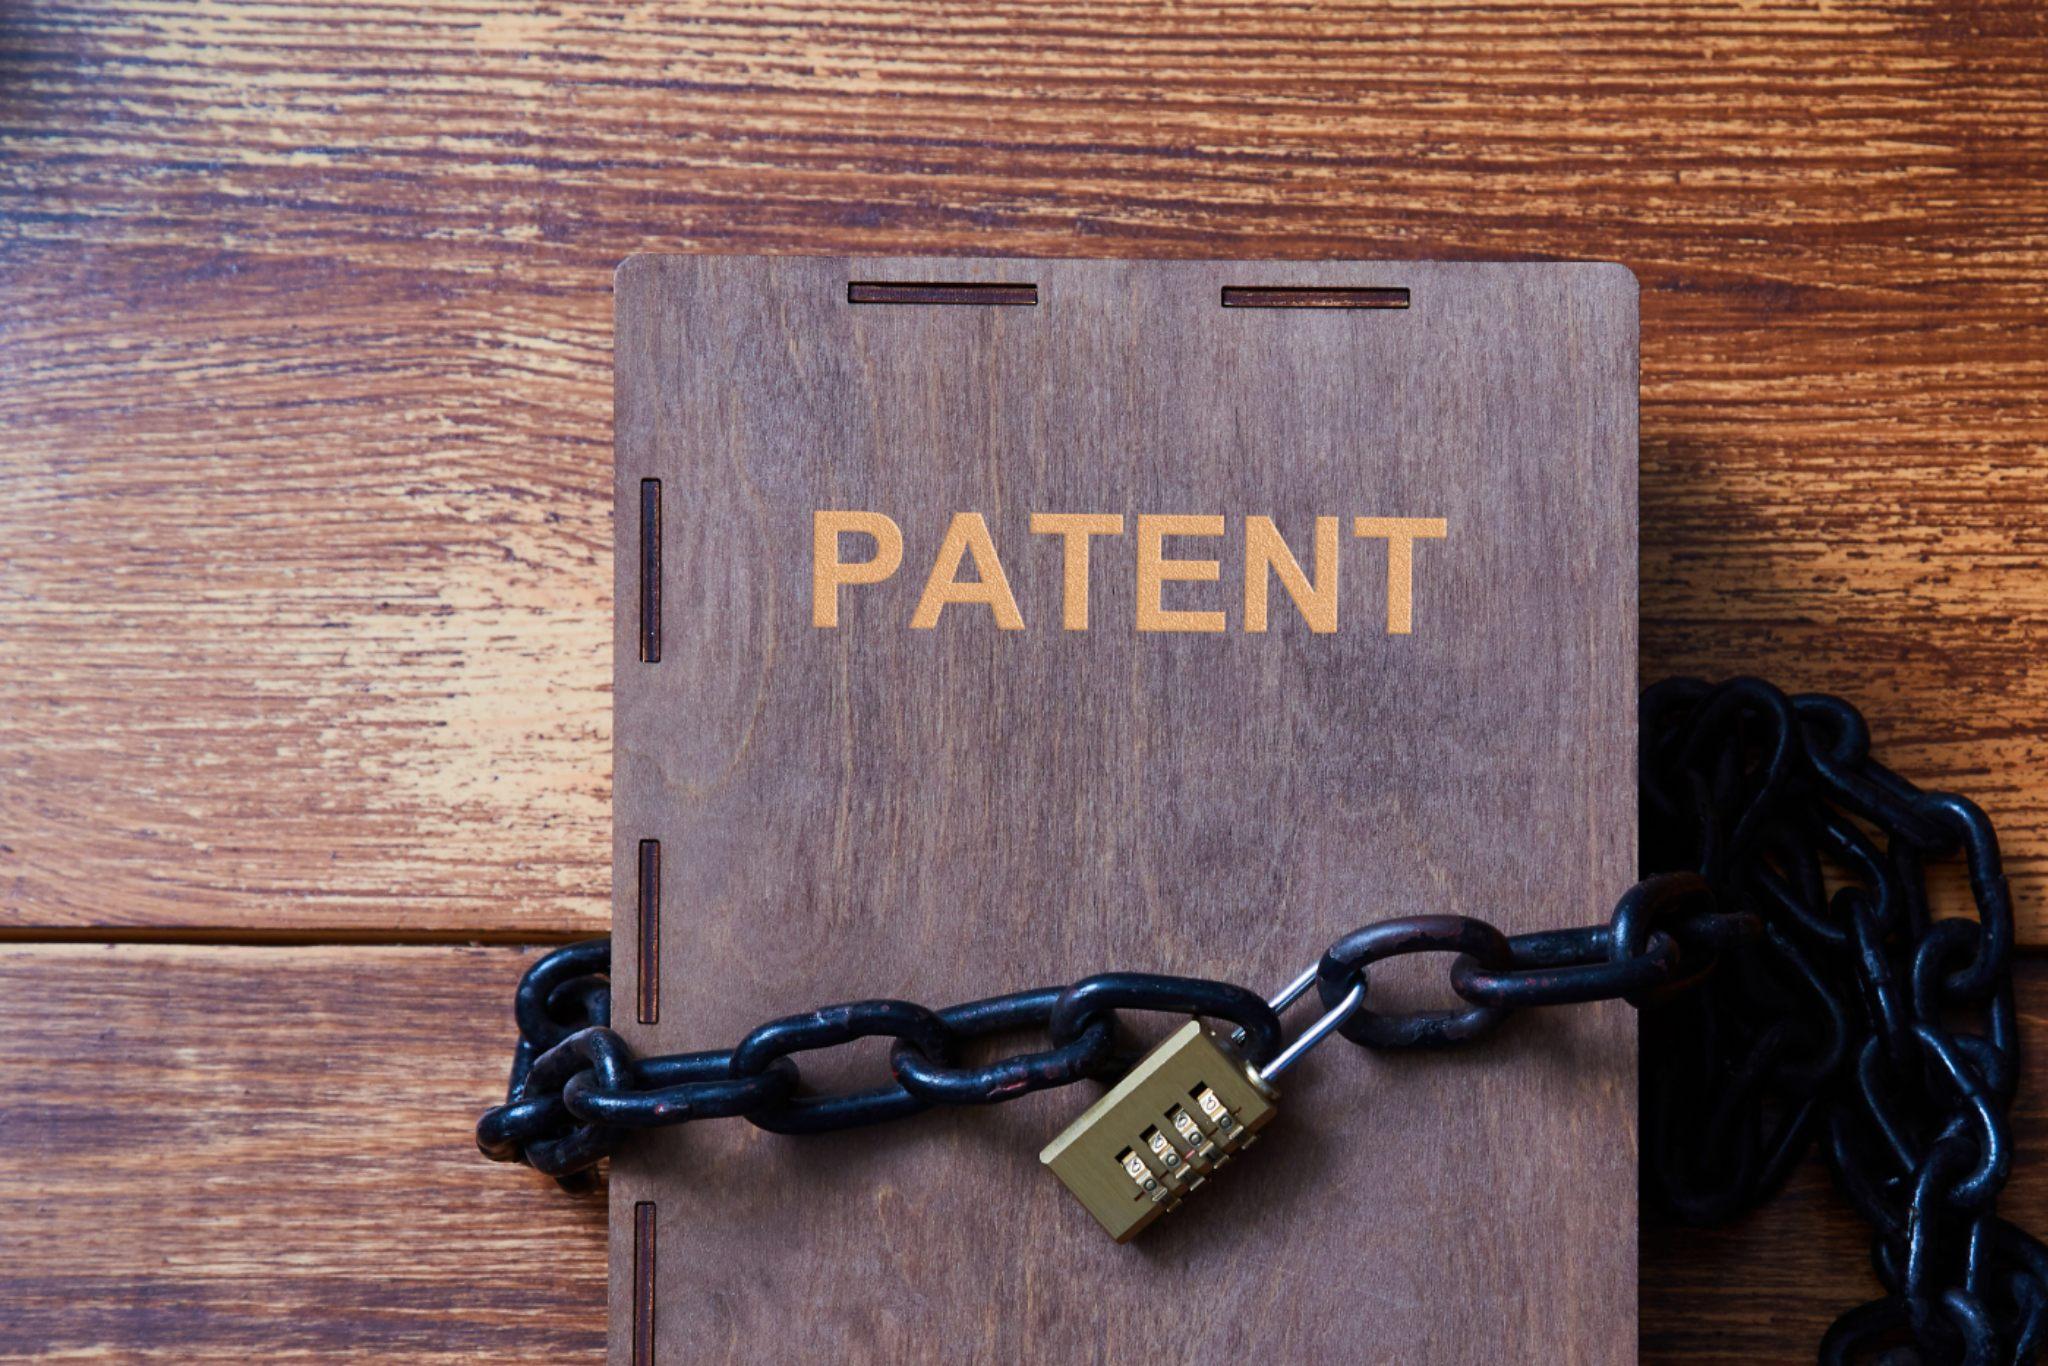 Arjuna Patents